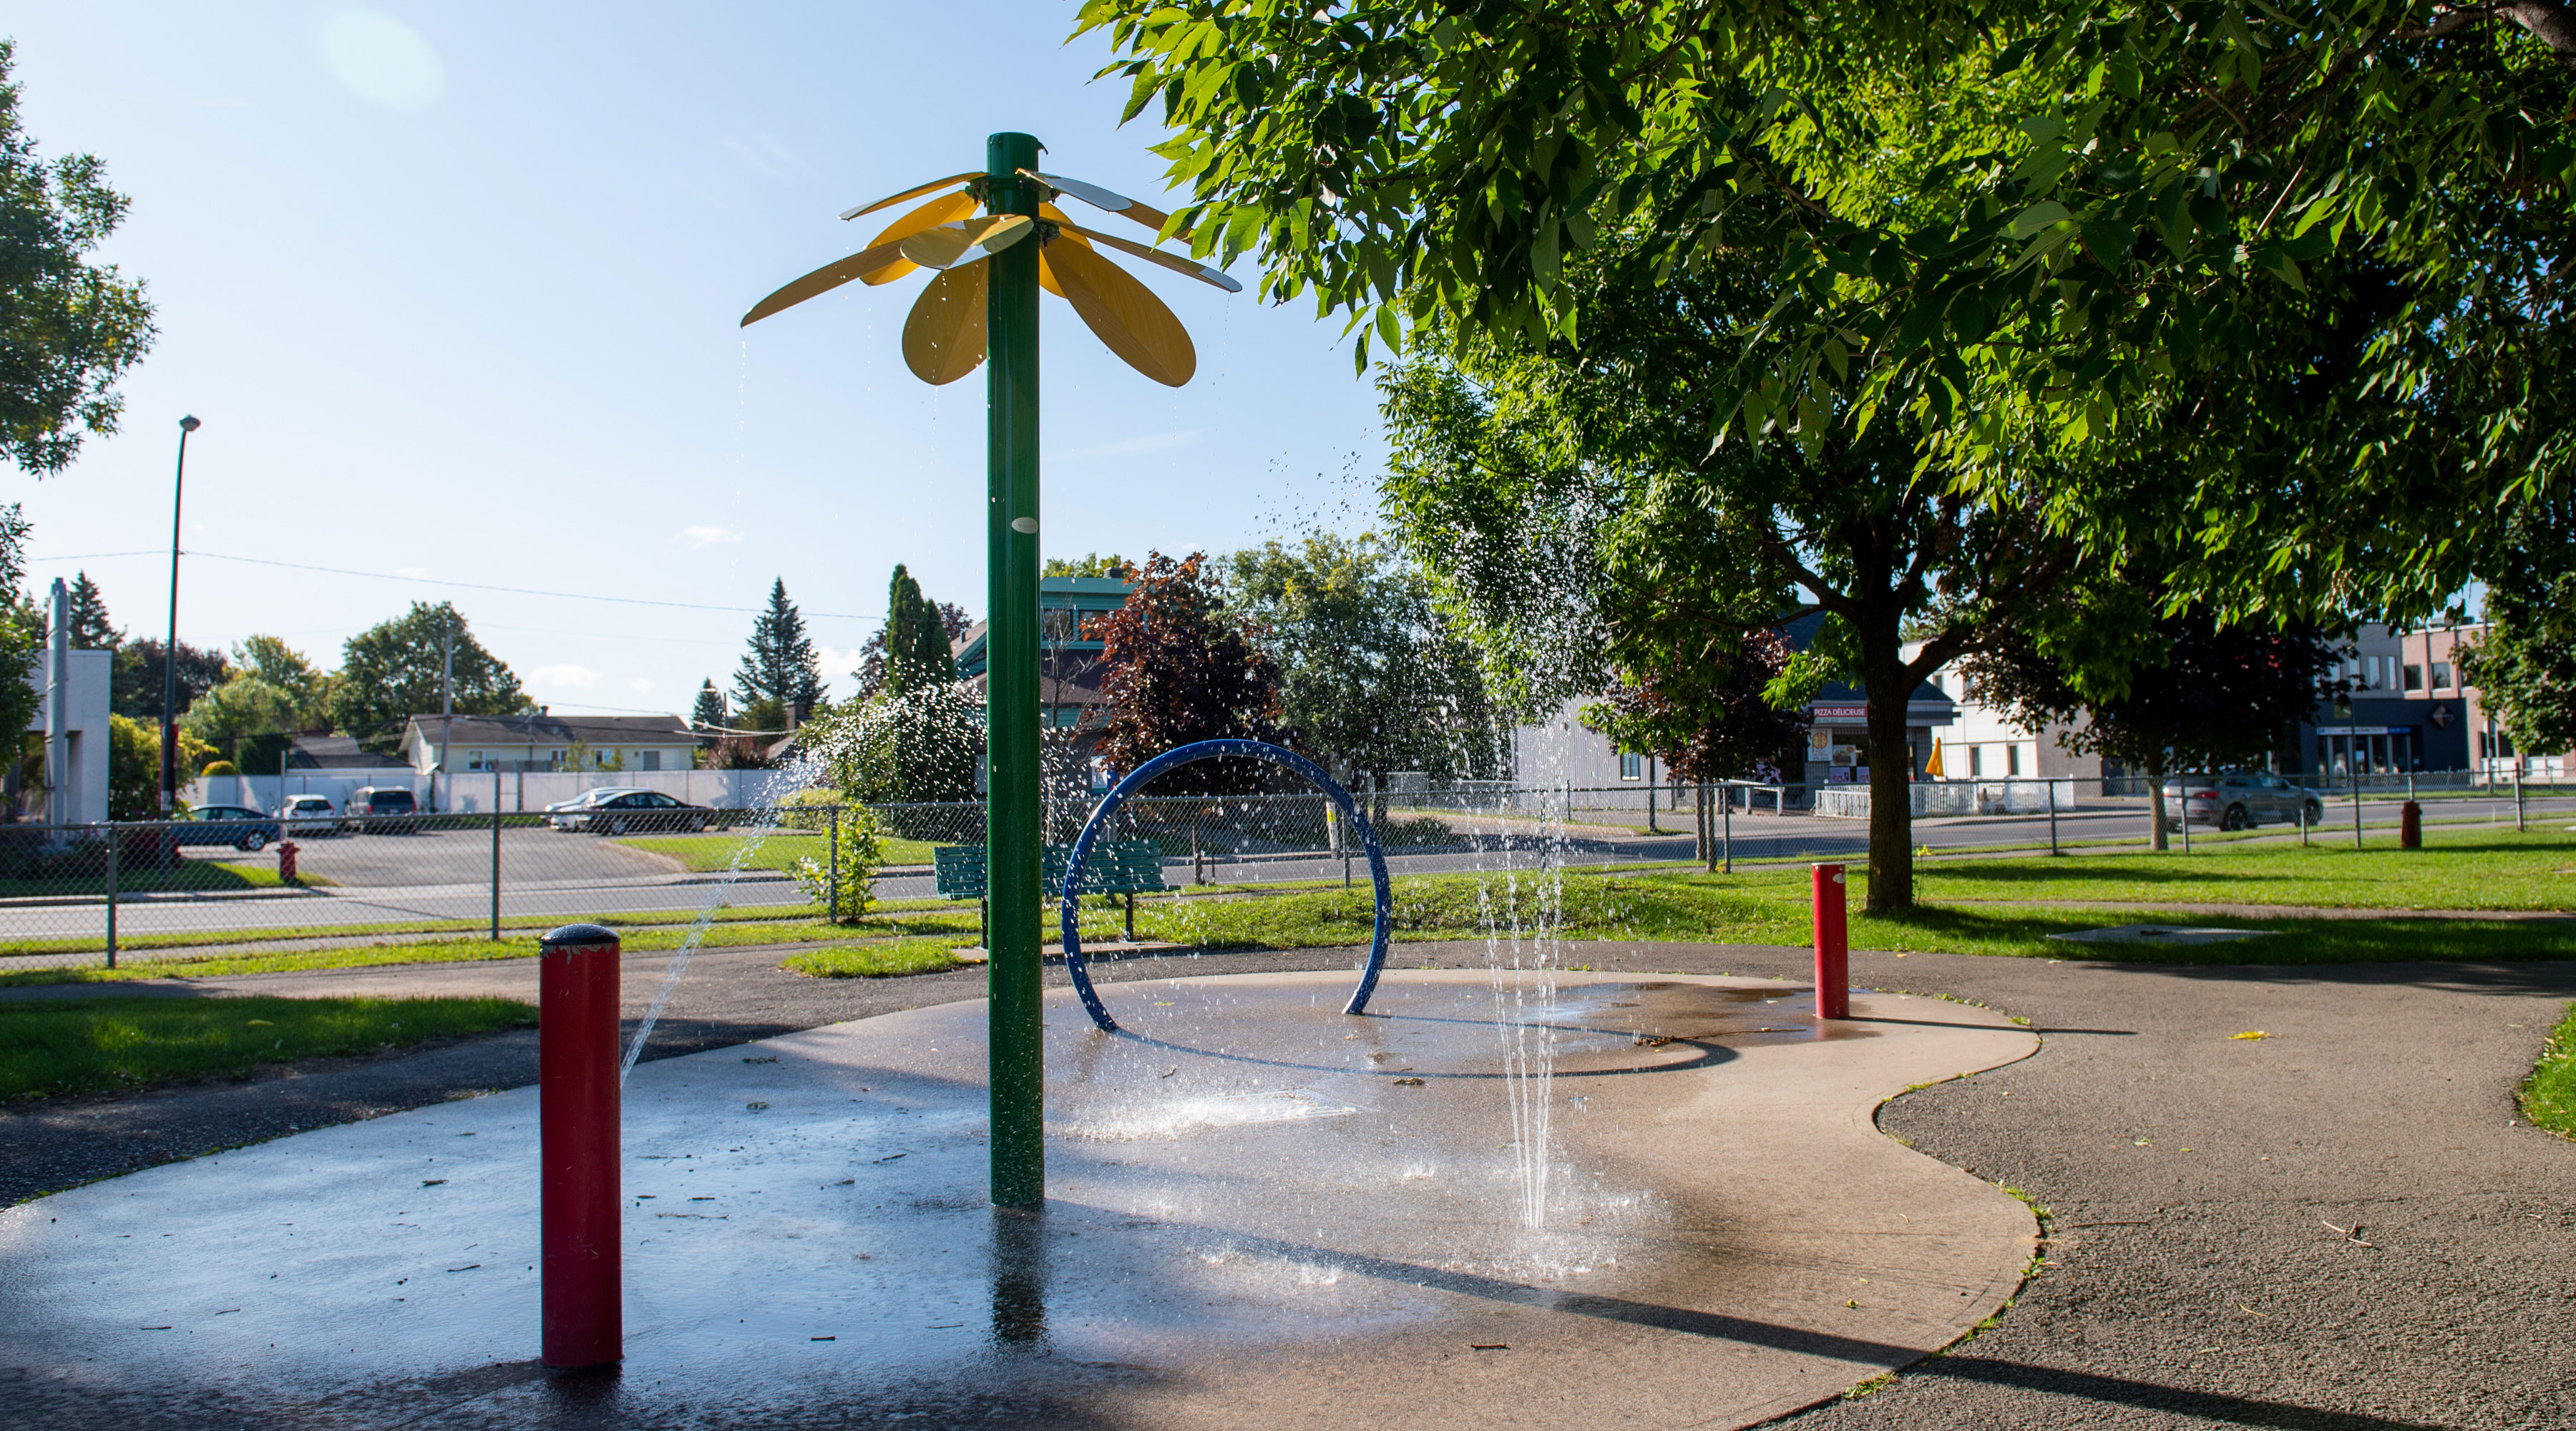 Déconfinement progressif : Vente-débarras de juin autorisée et ouverture des jeux d'eau